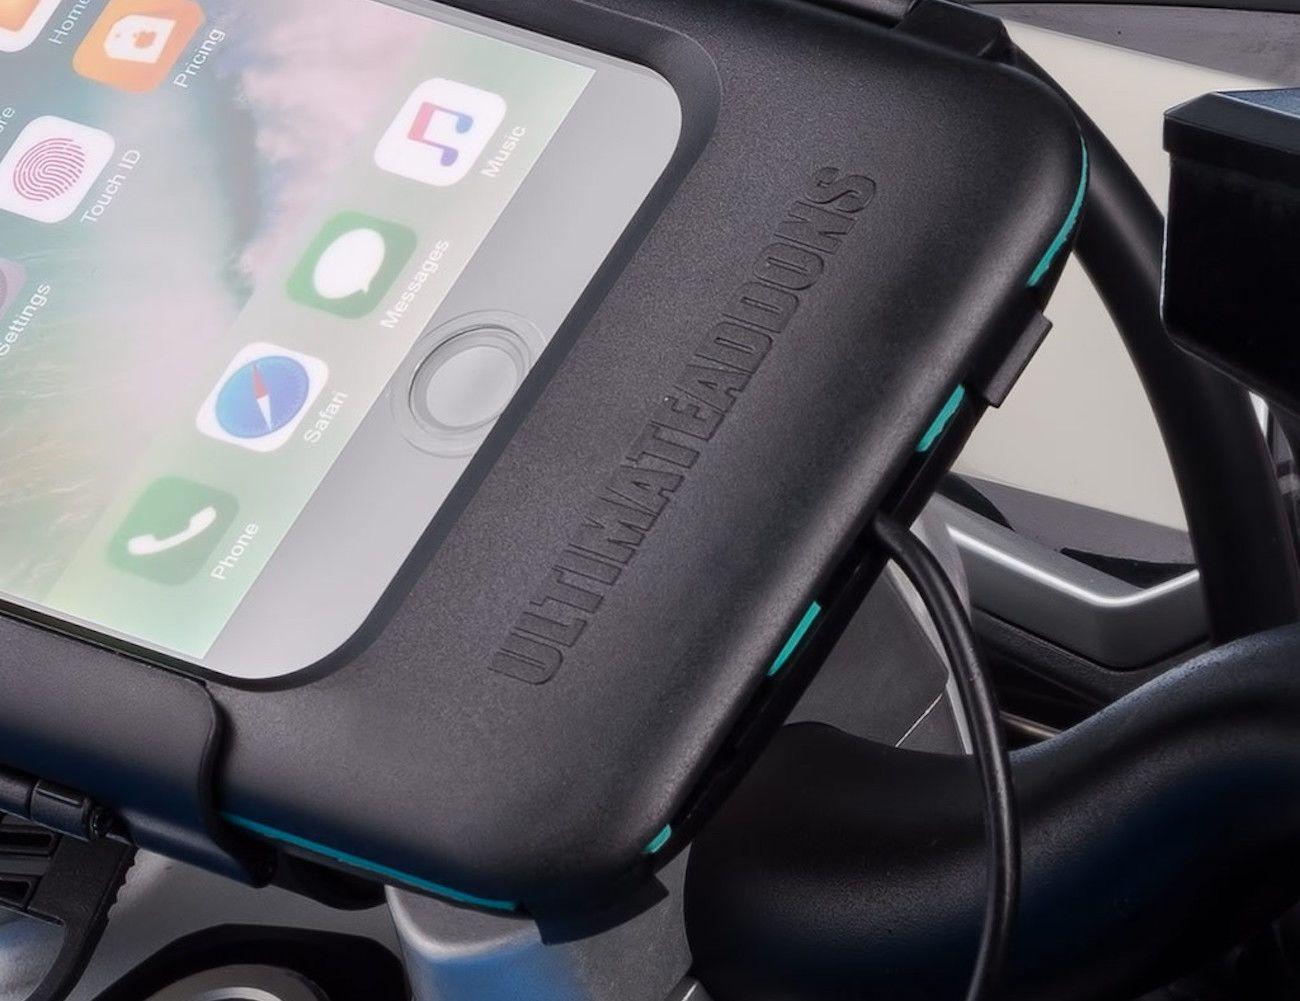 Ultimateaddons iPhone Motorcycle Mount